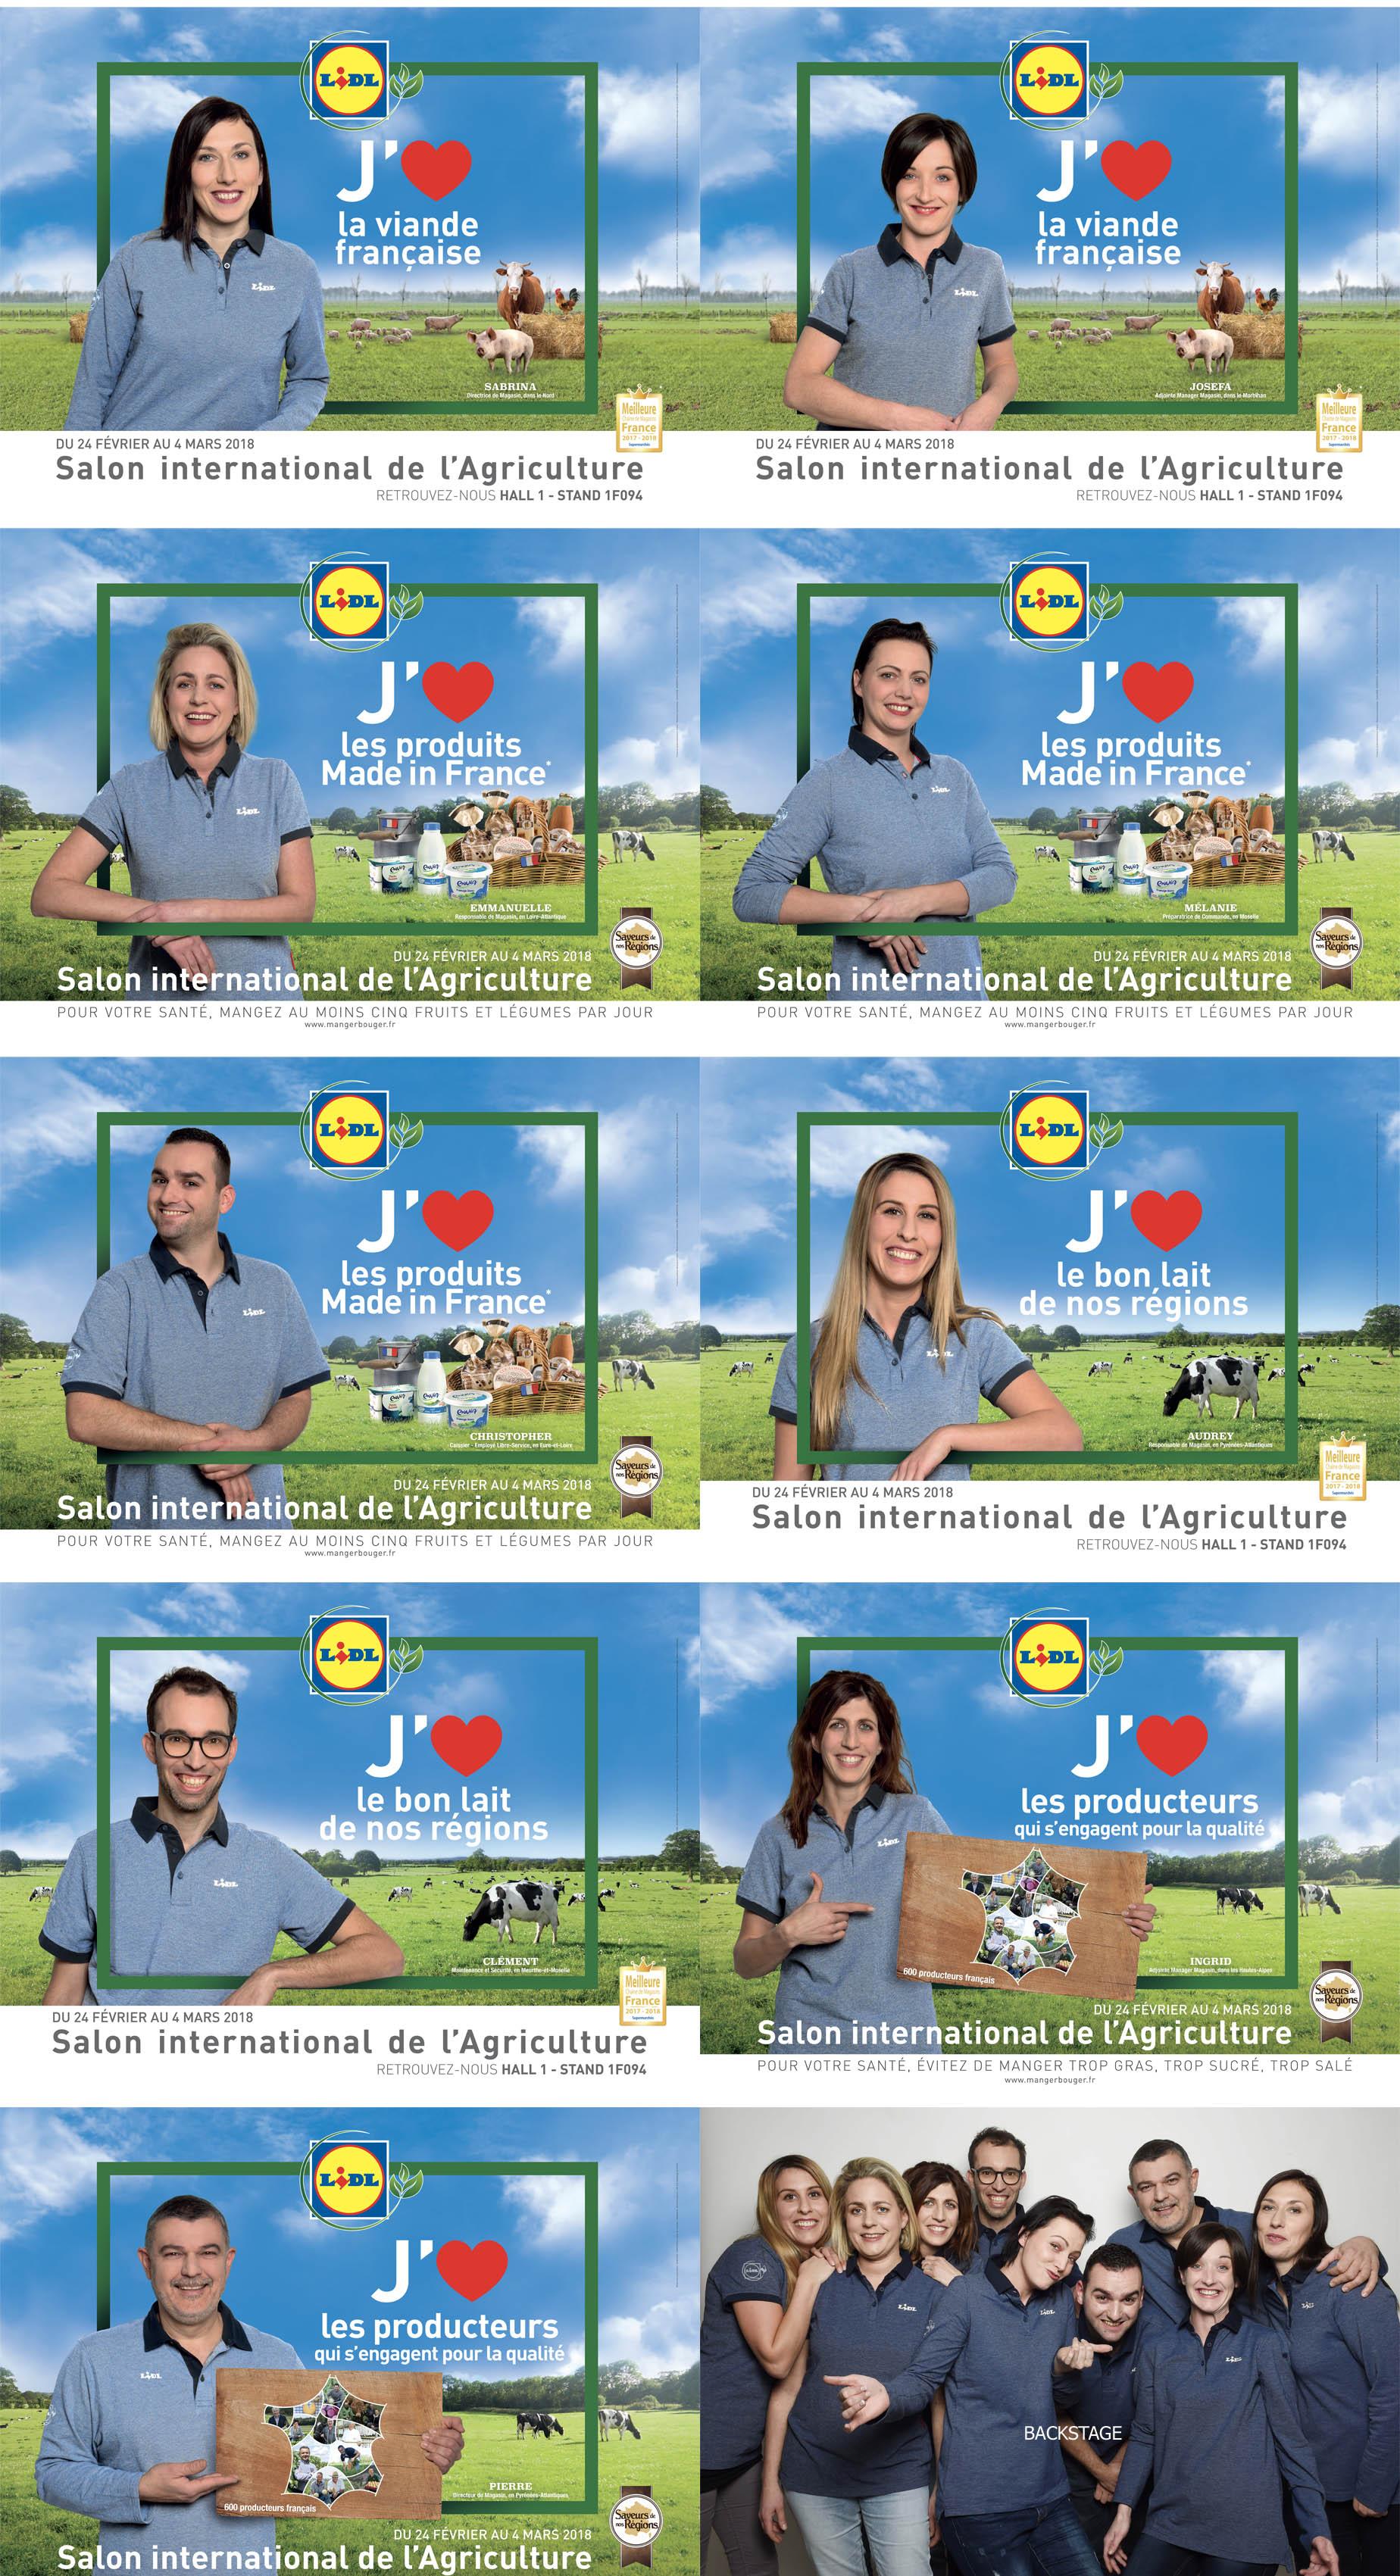 CAMPAGNE DE COMMUNICATION SALON INTERNATIONAL DE L'AGRICULTURE 2018